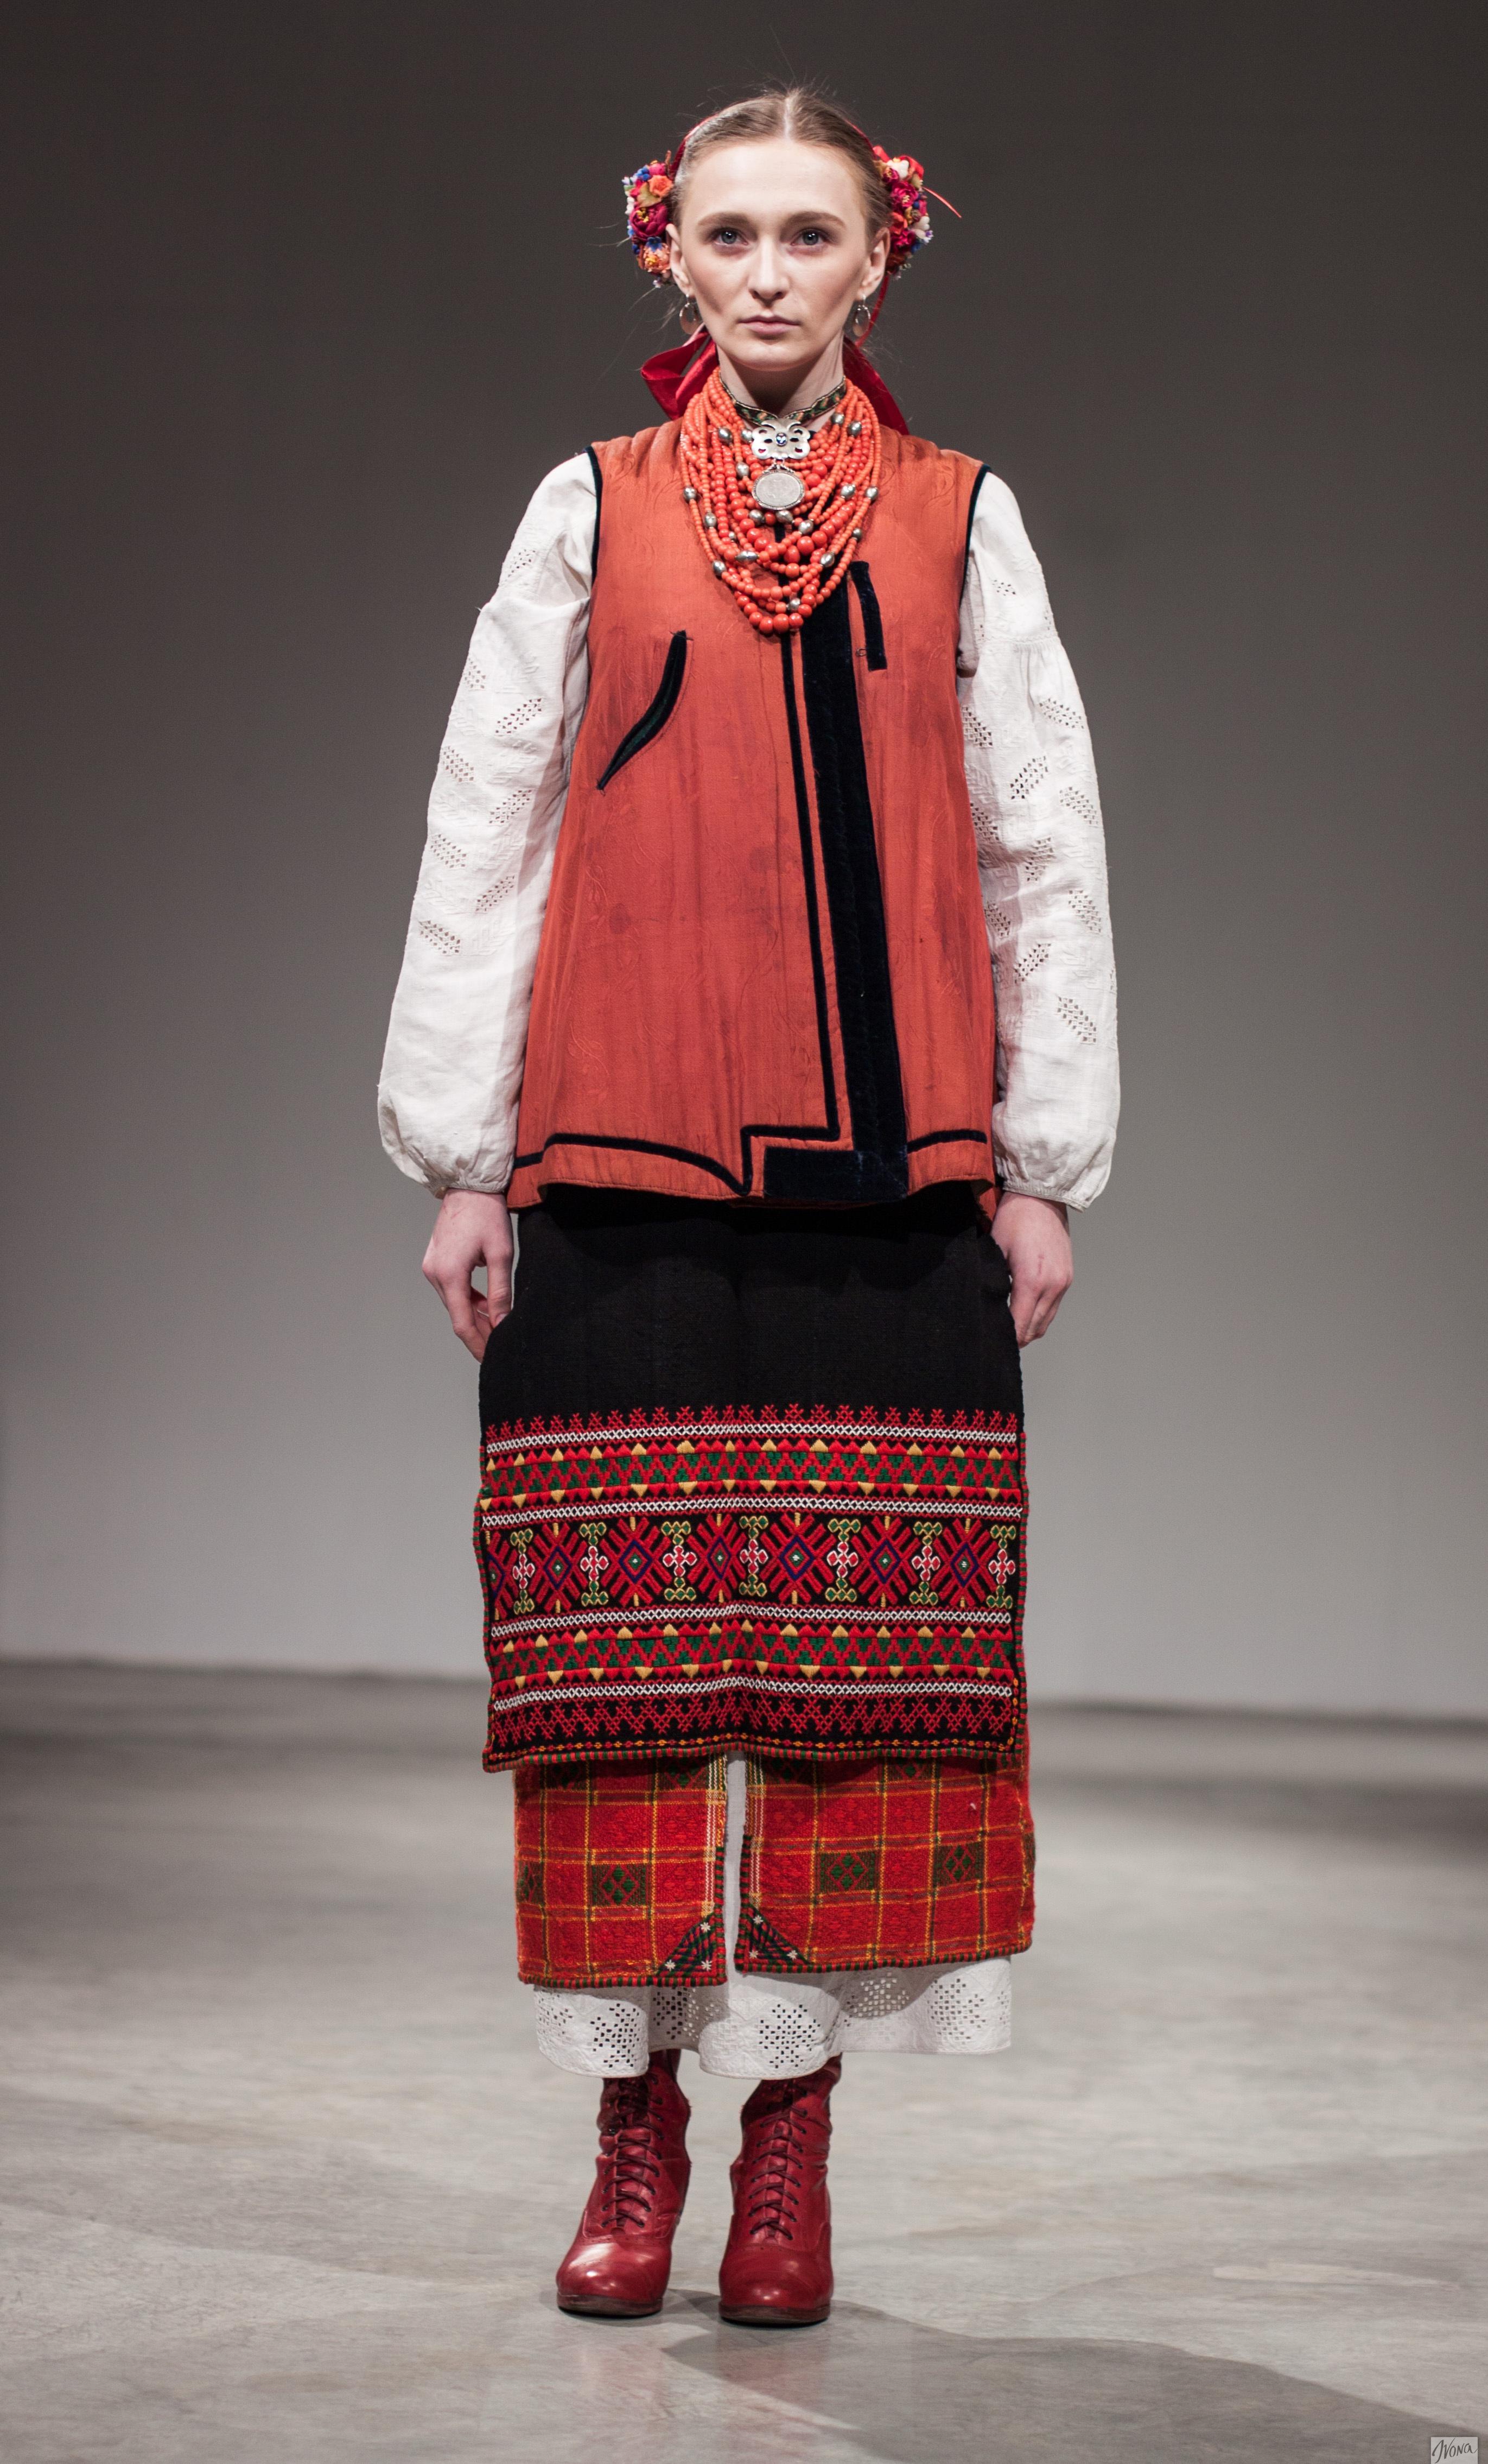 Одна из самых ярких участниц проекта в украинском народном костюме